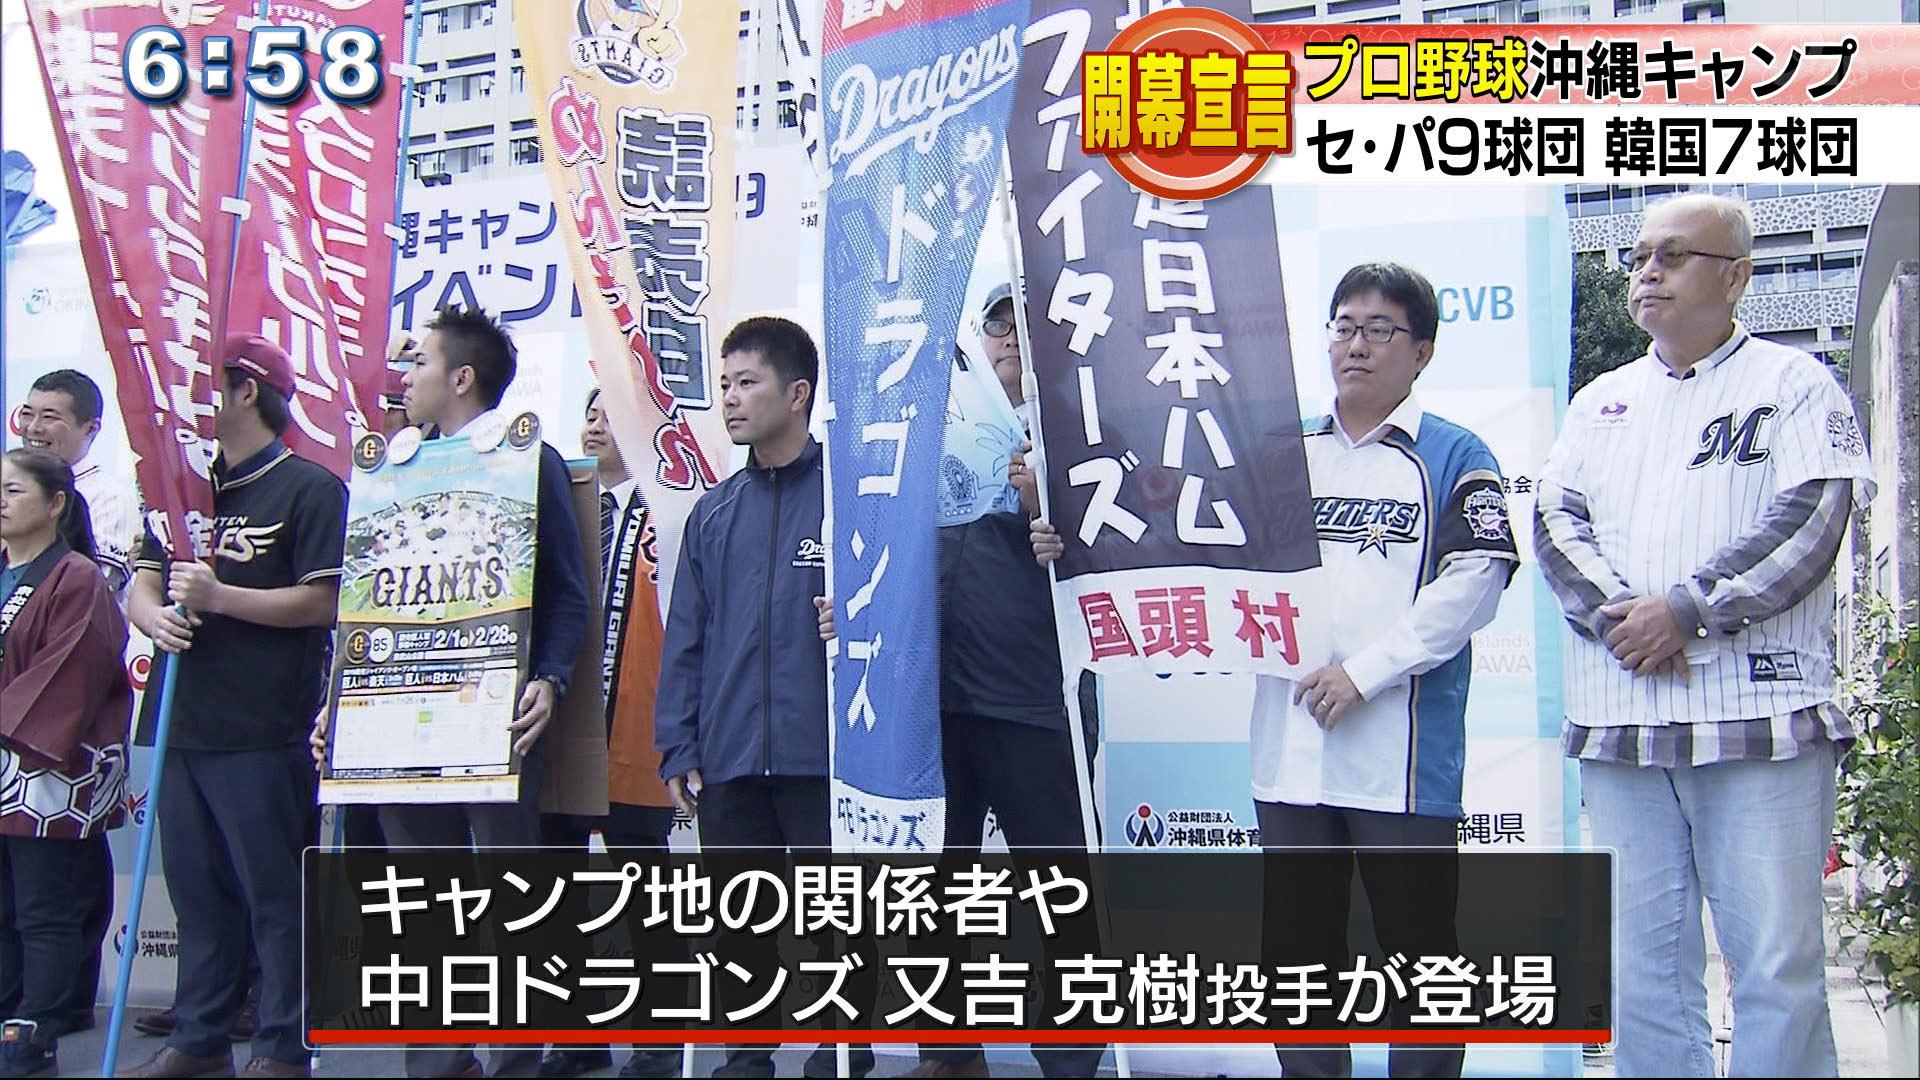 2019年プロ野球沖縄キャンプ「開幕宣言」